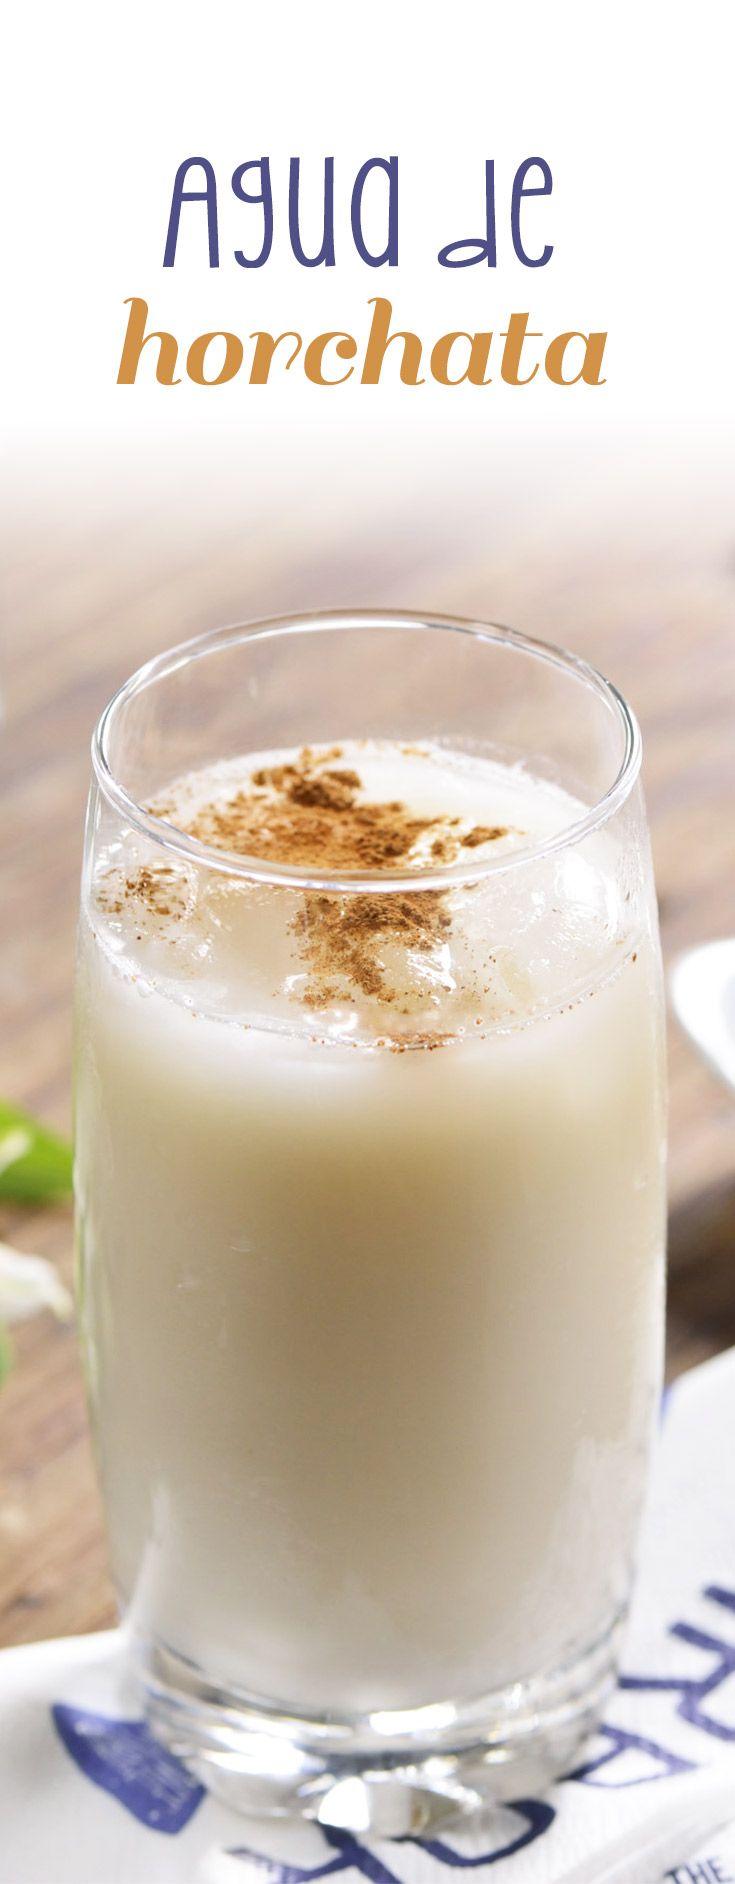 Refrescante y rica agua de horchata hecha con arroz para la temporada de calor.